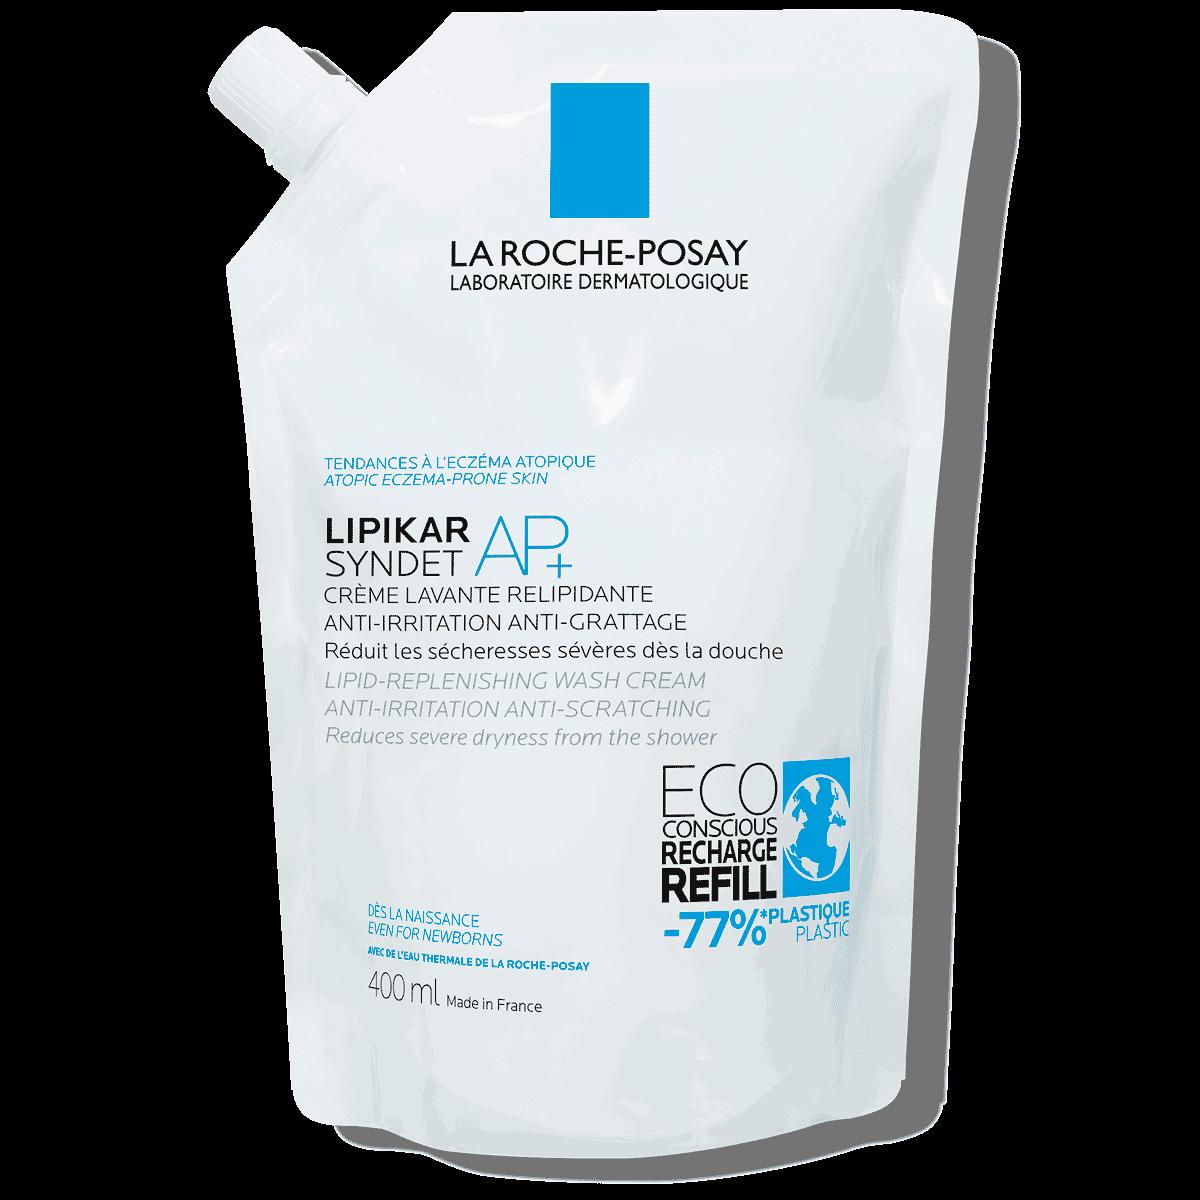 creme lavante eczema lipikar syndet ap+